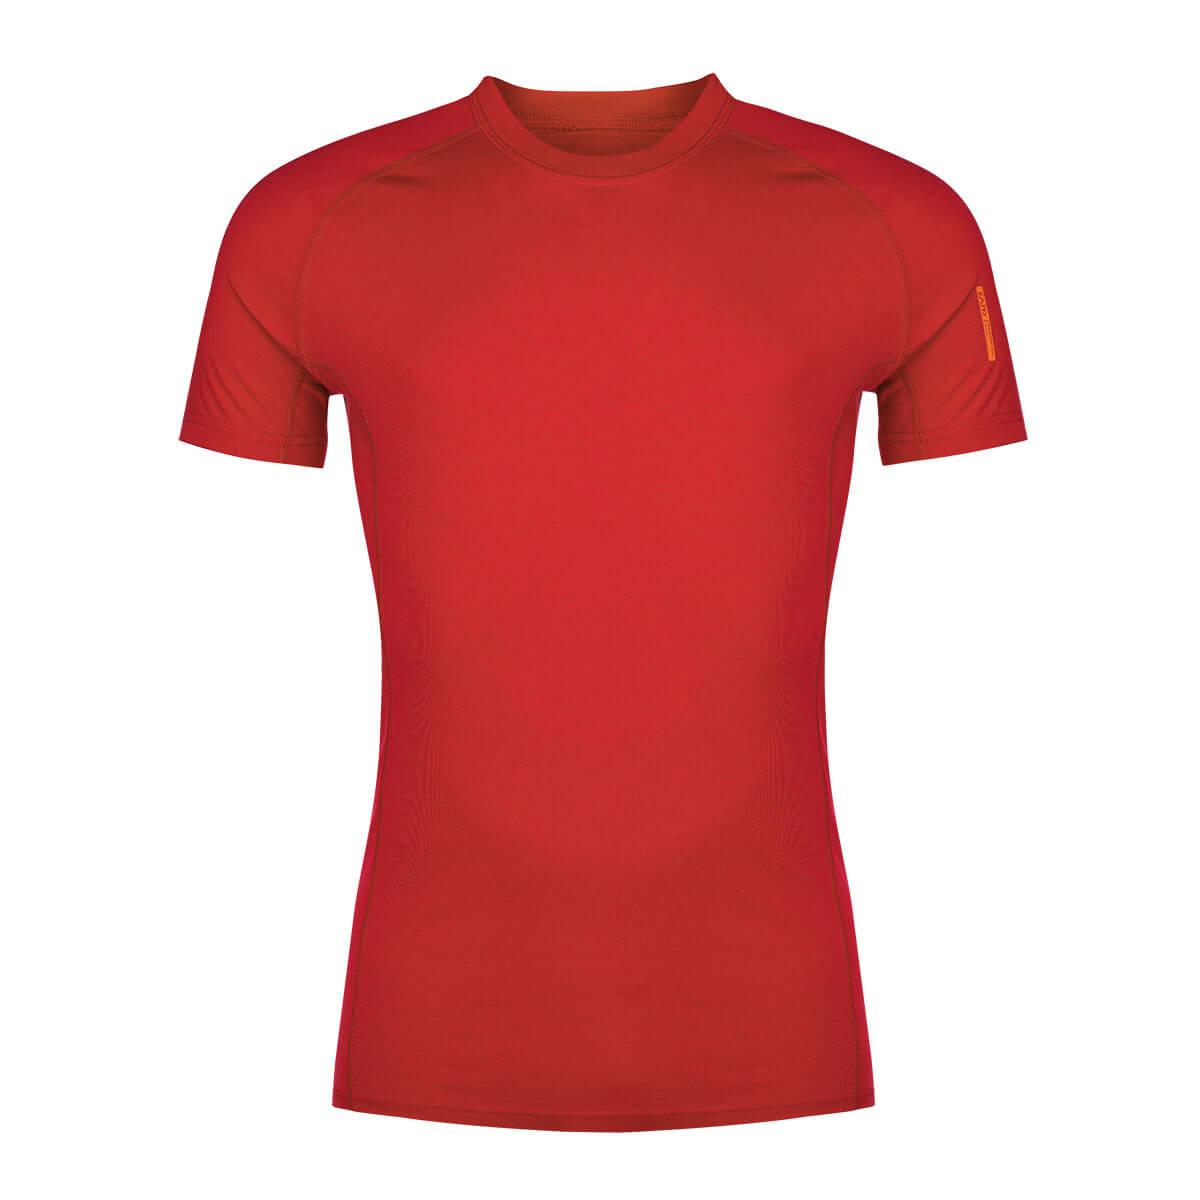 Pánske tričko Zajo Bjorn Merino Nylon T-shirt SS Racing Red - veľkosť XS